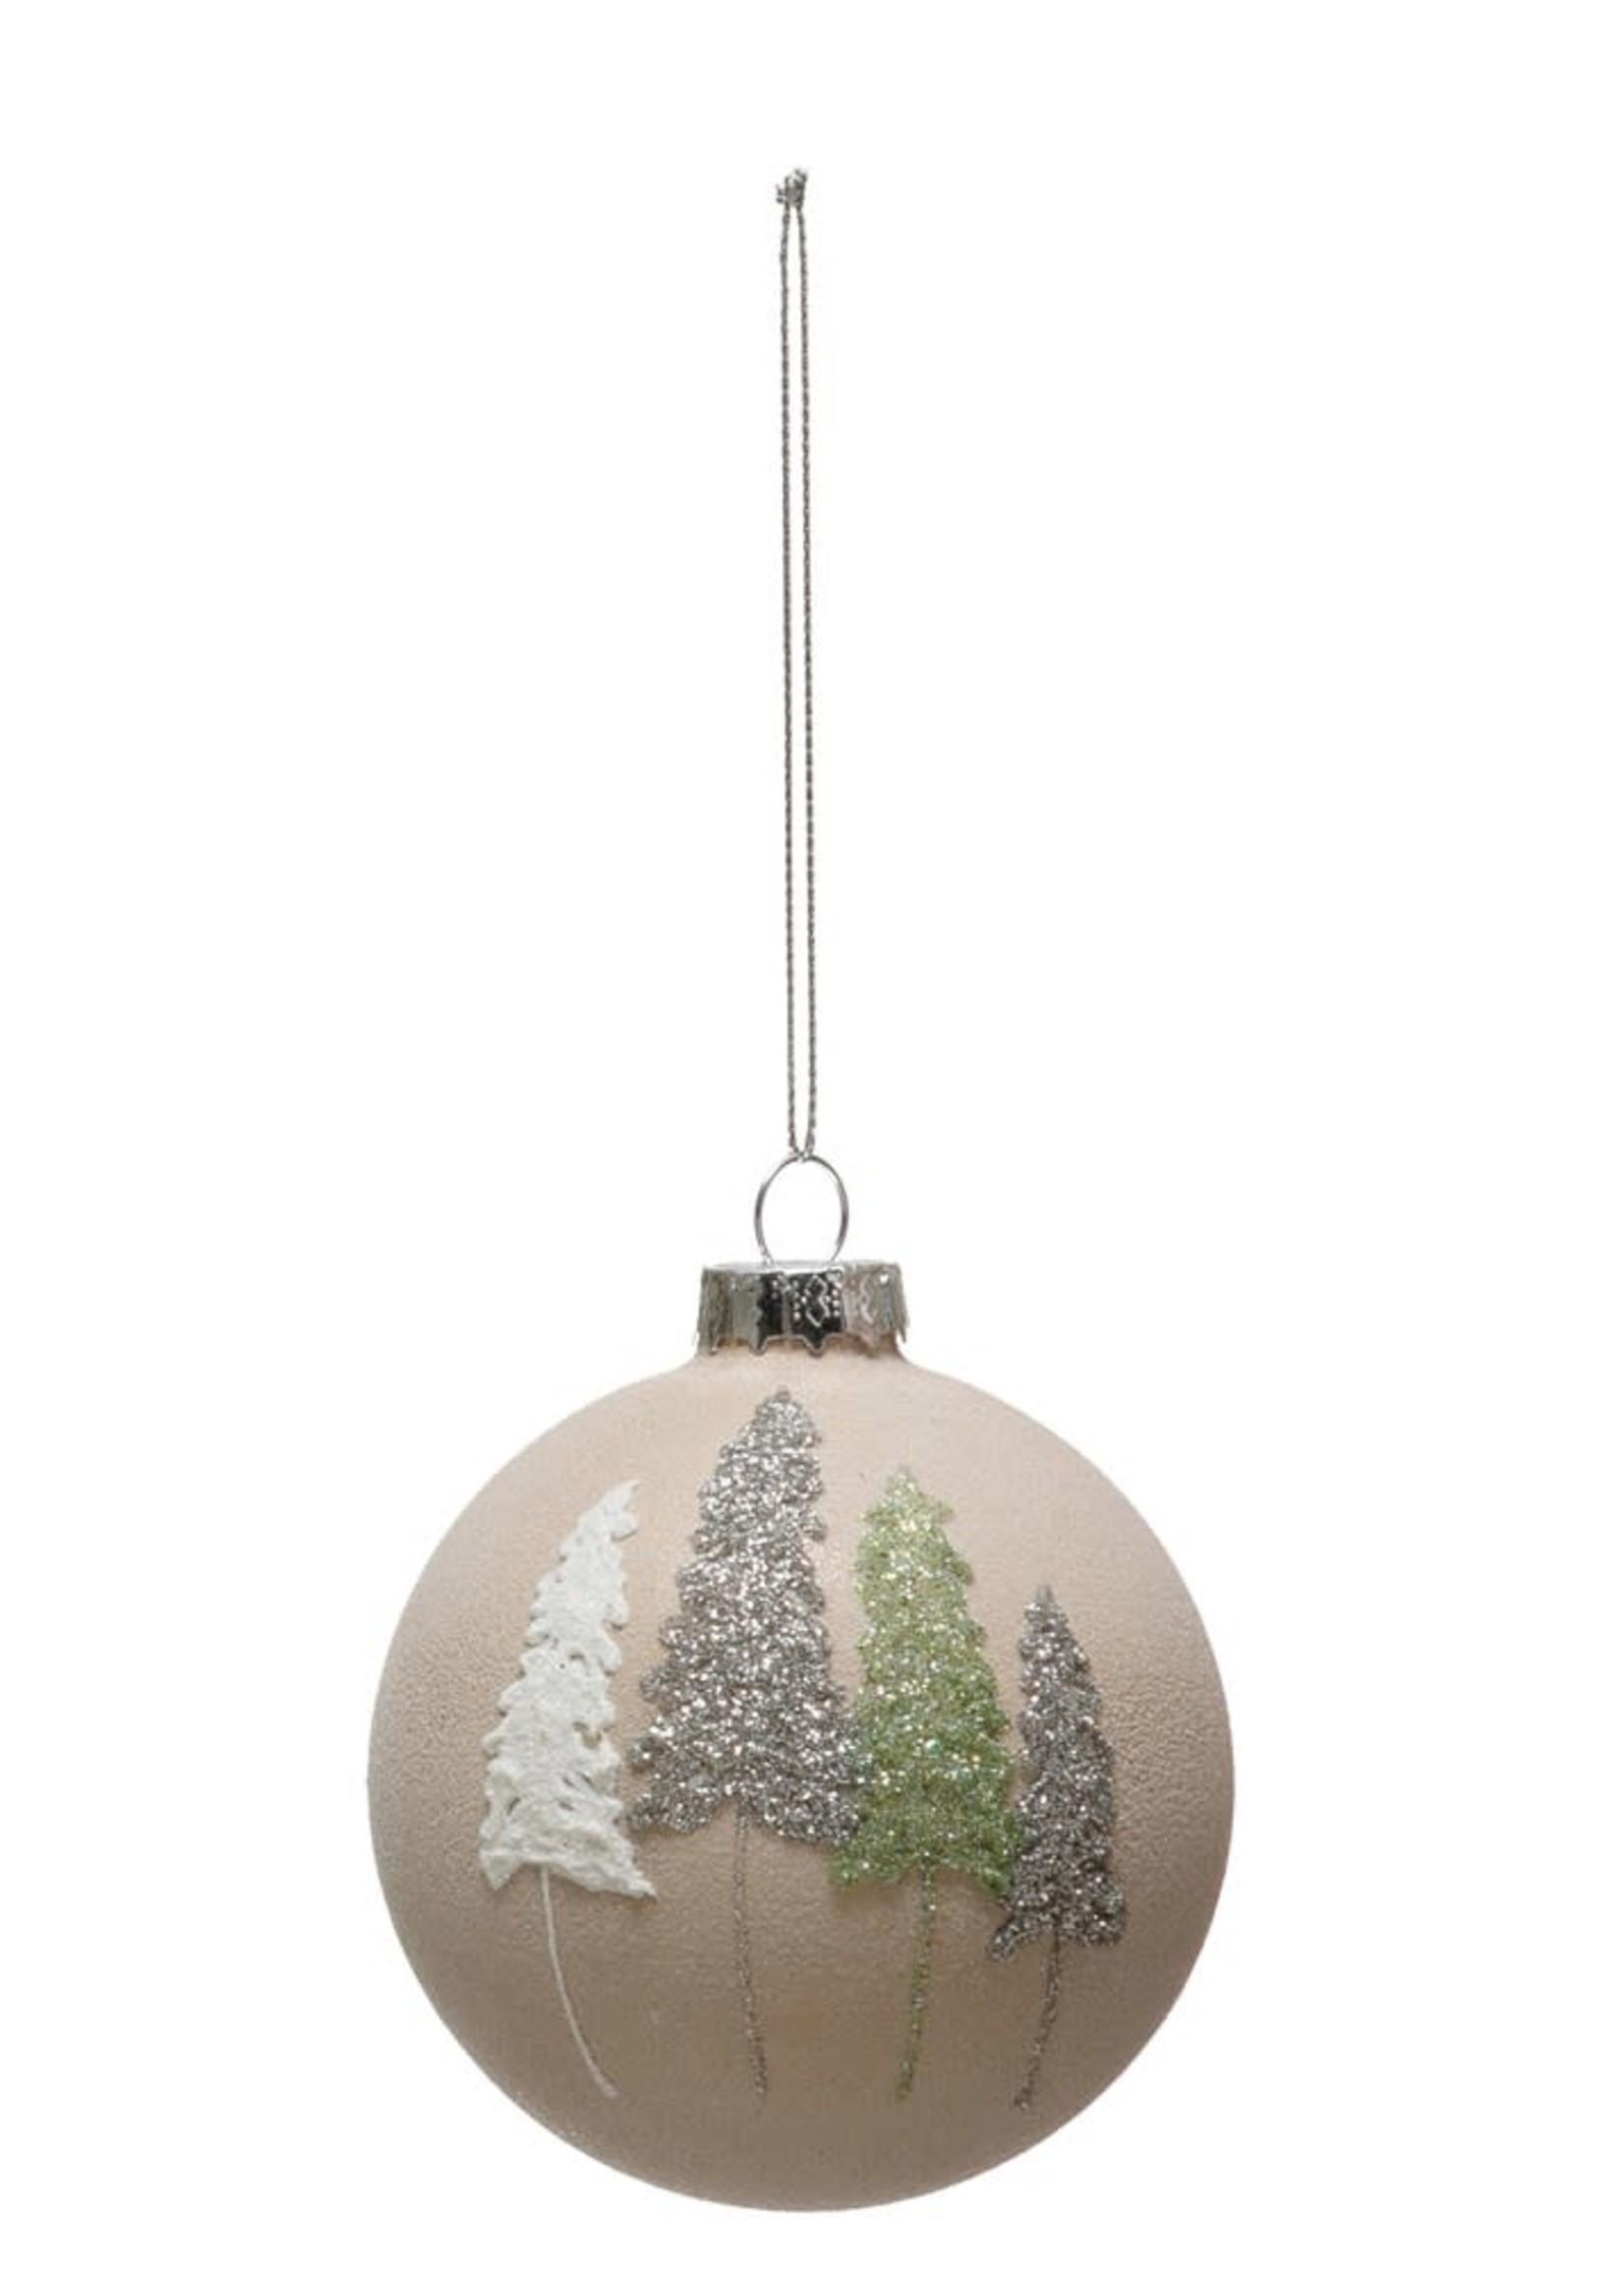 Round Glass Ball Ornament w/ Glitter Trees, Multi Color